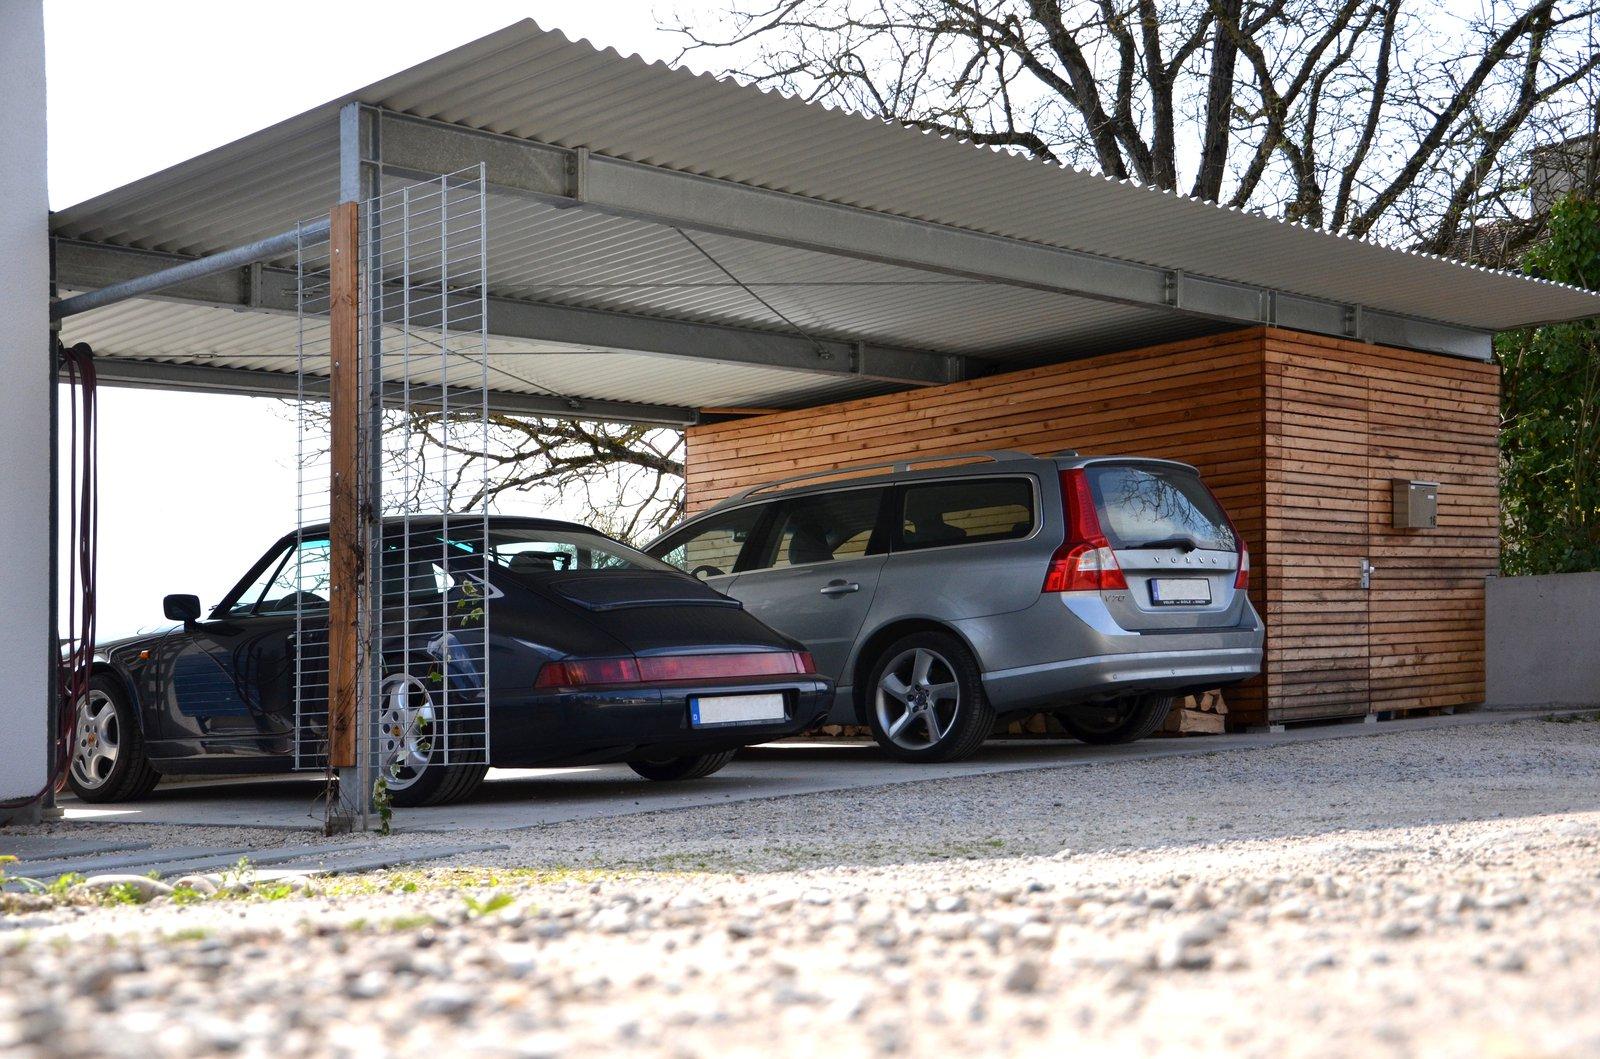 Doppelcarport mit Abstellraum und Holzverkleidung | Medam GmbH